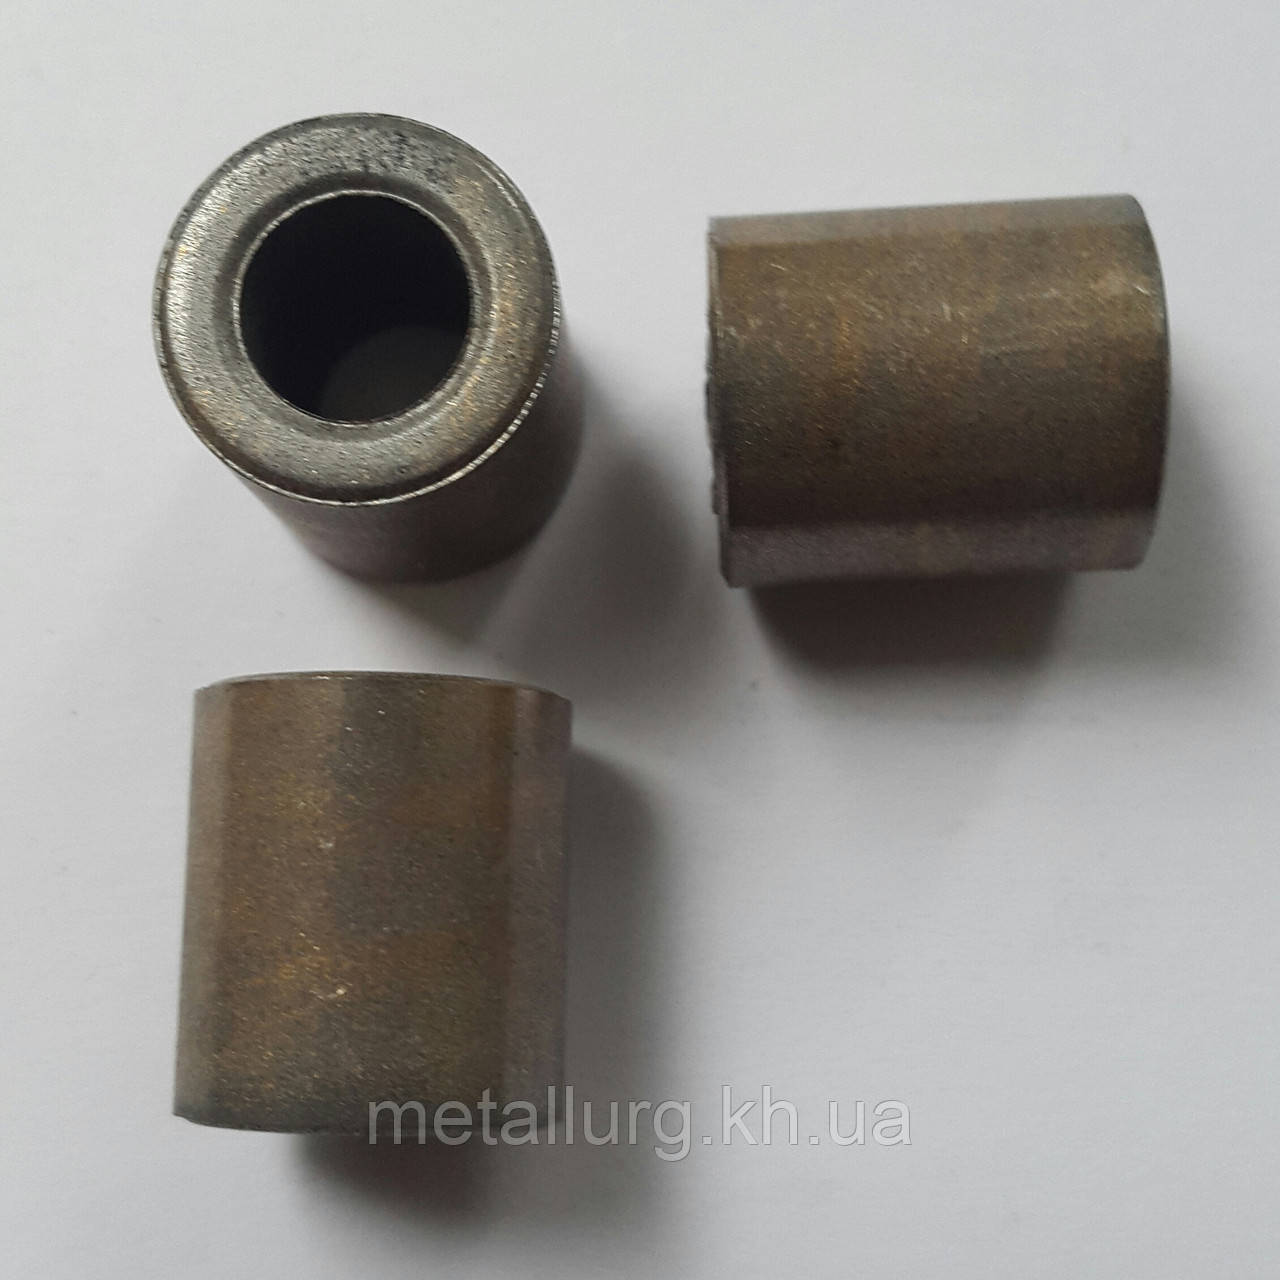 Втулка хлебопечи 8х14х16 железомедьграфит